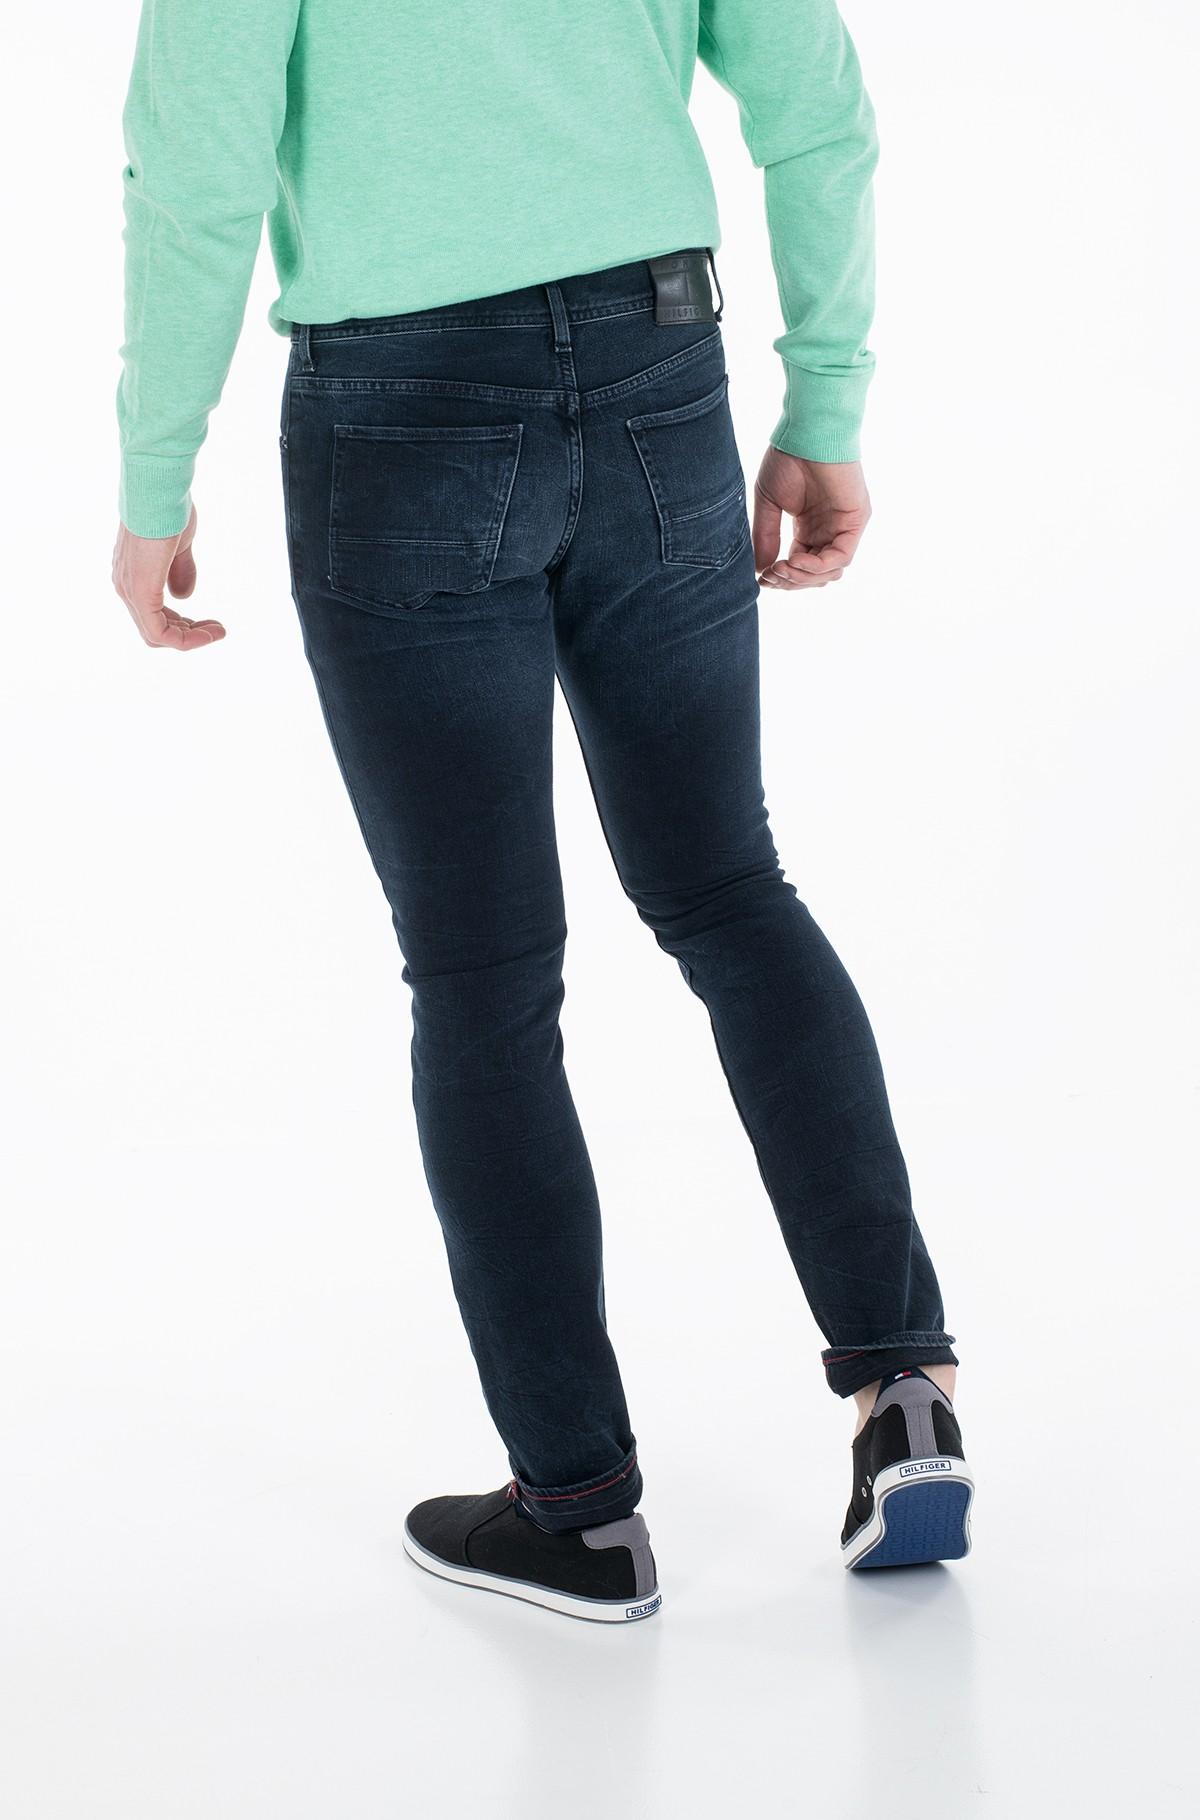 Džinsinės kelnės EXTRA SLIM LAYTON STR BURKE BLUE-full-3